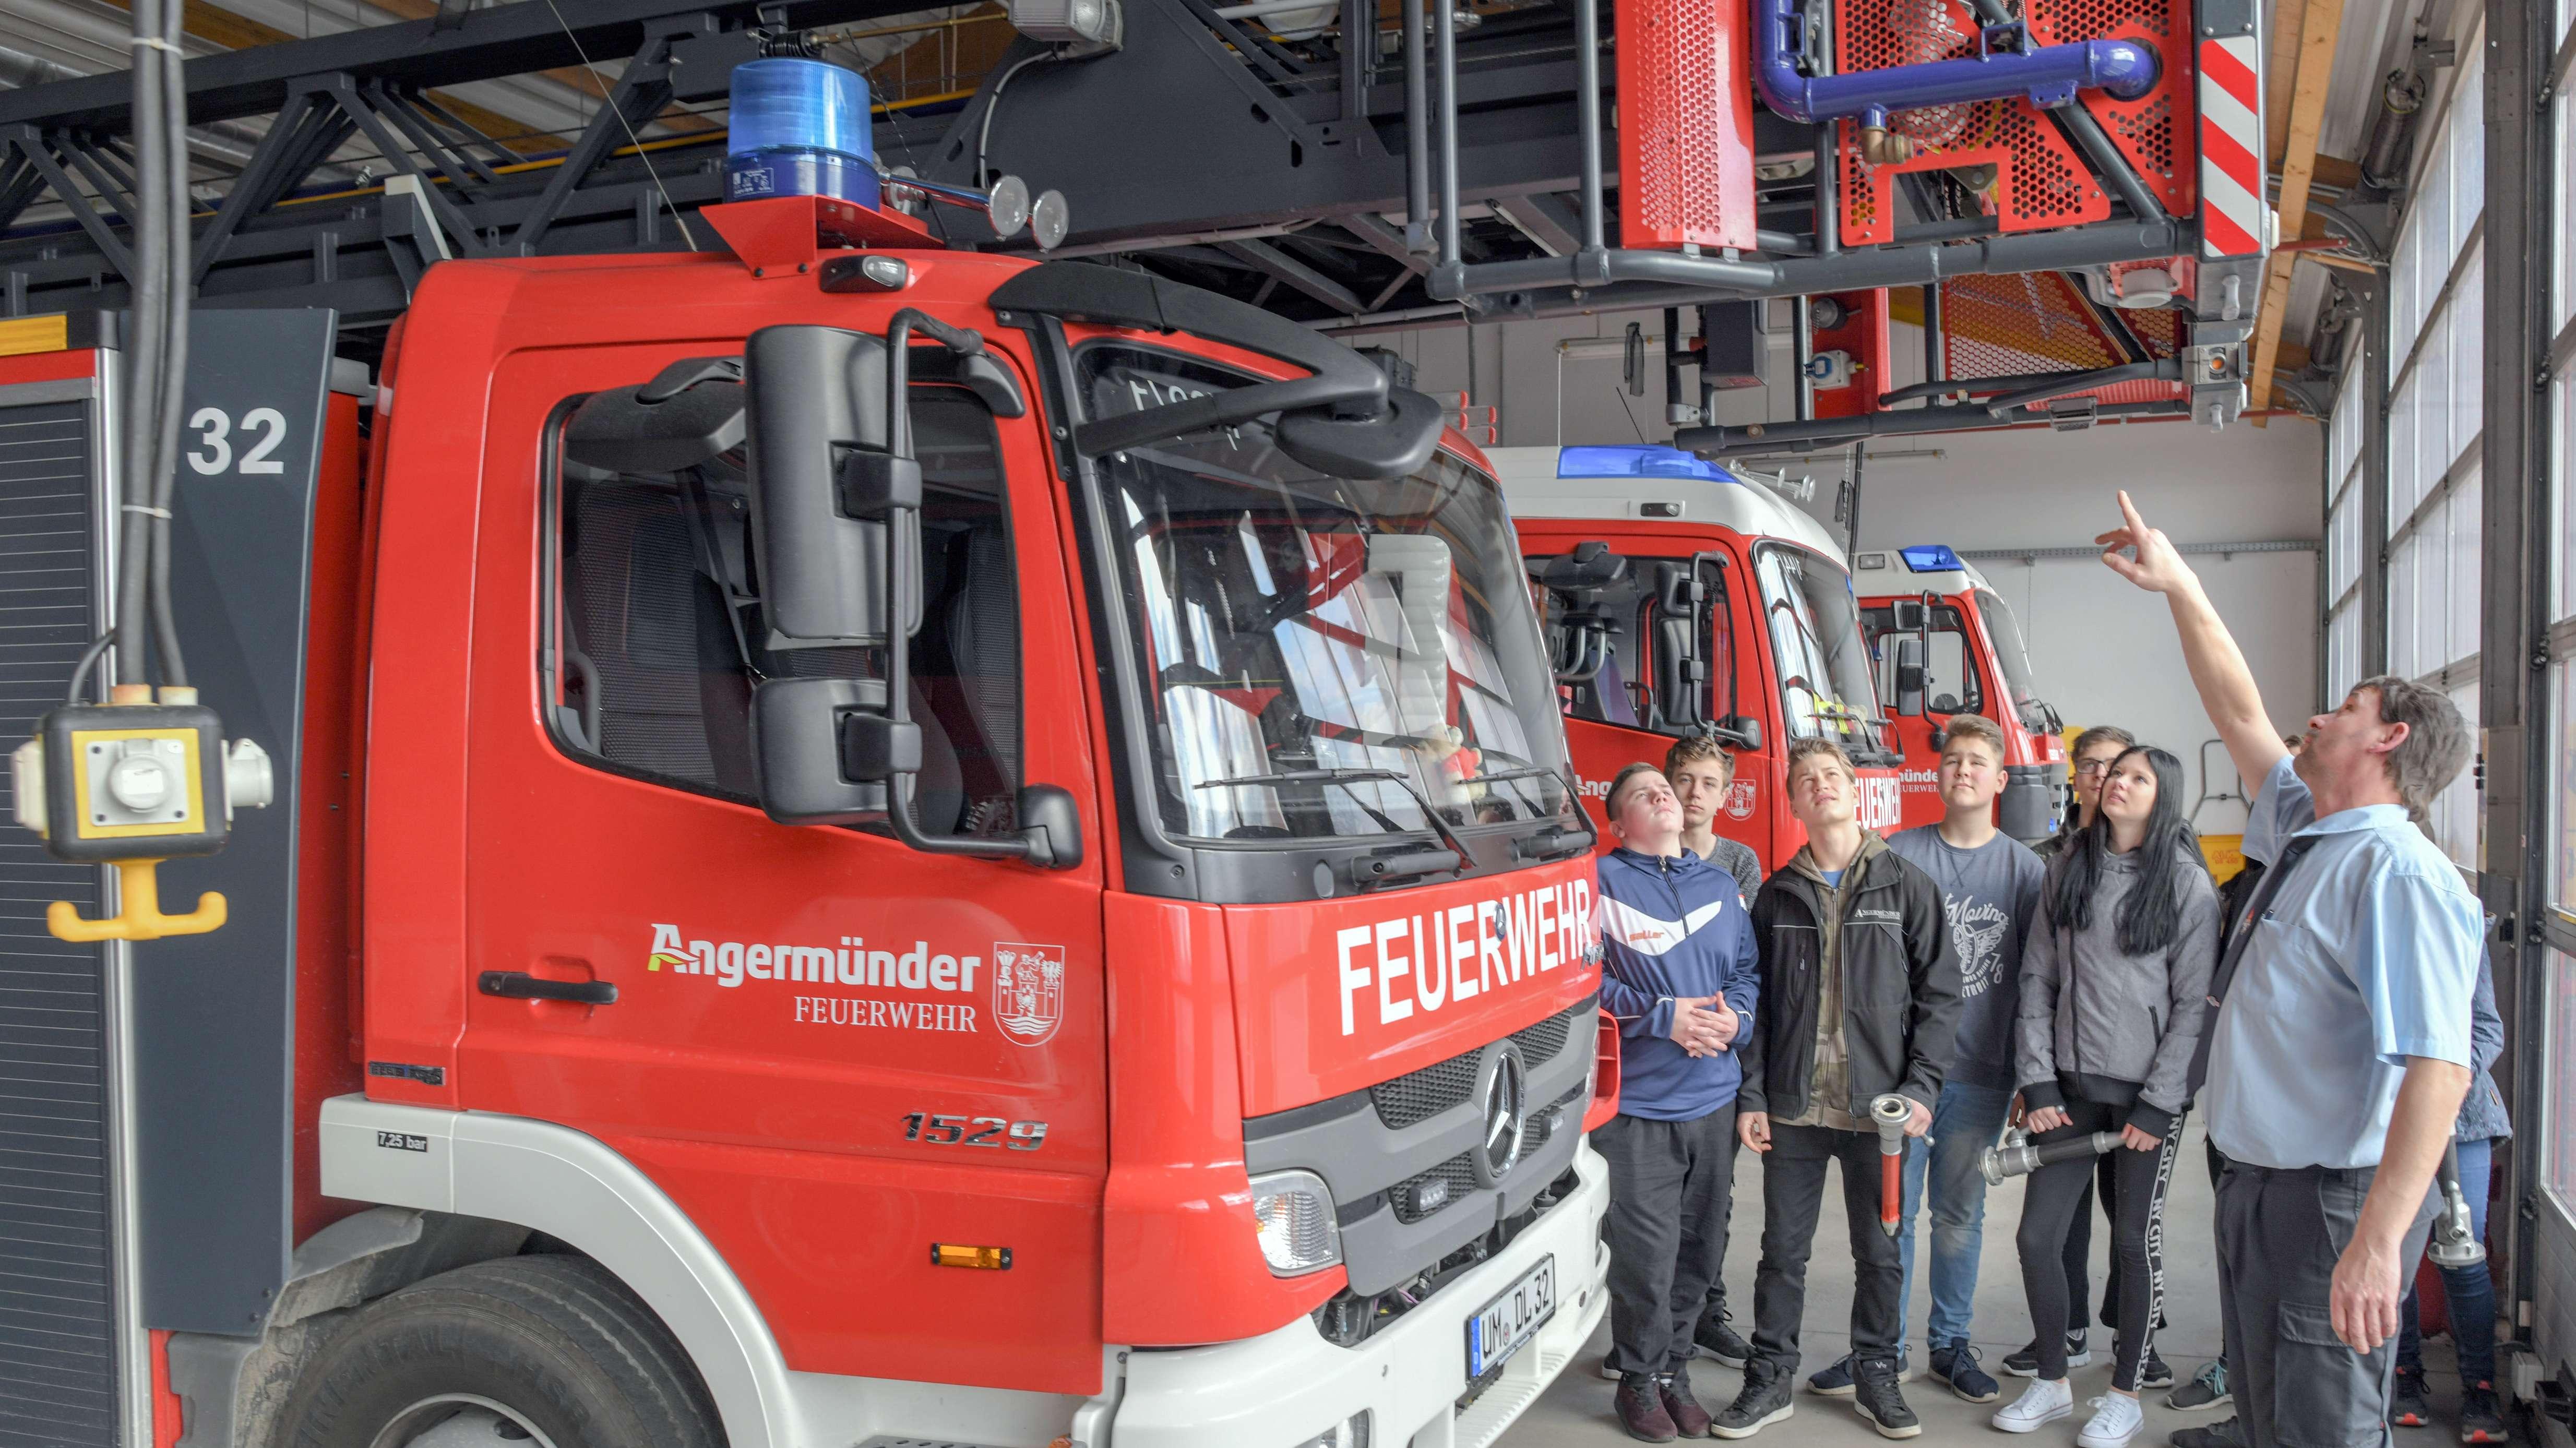 Ein Ausbilder bei der Freiwilligen Feuerwehr Angermünde unterrichtet Neuntklässler der Ehm-Welk-Oberschule im Wahlpflichtfach Feuerwehrausbildung.